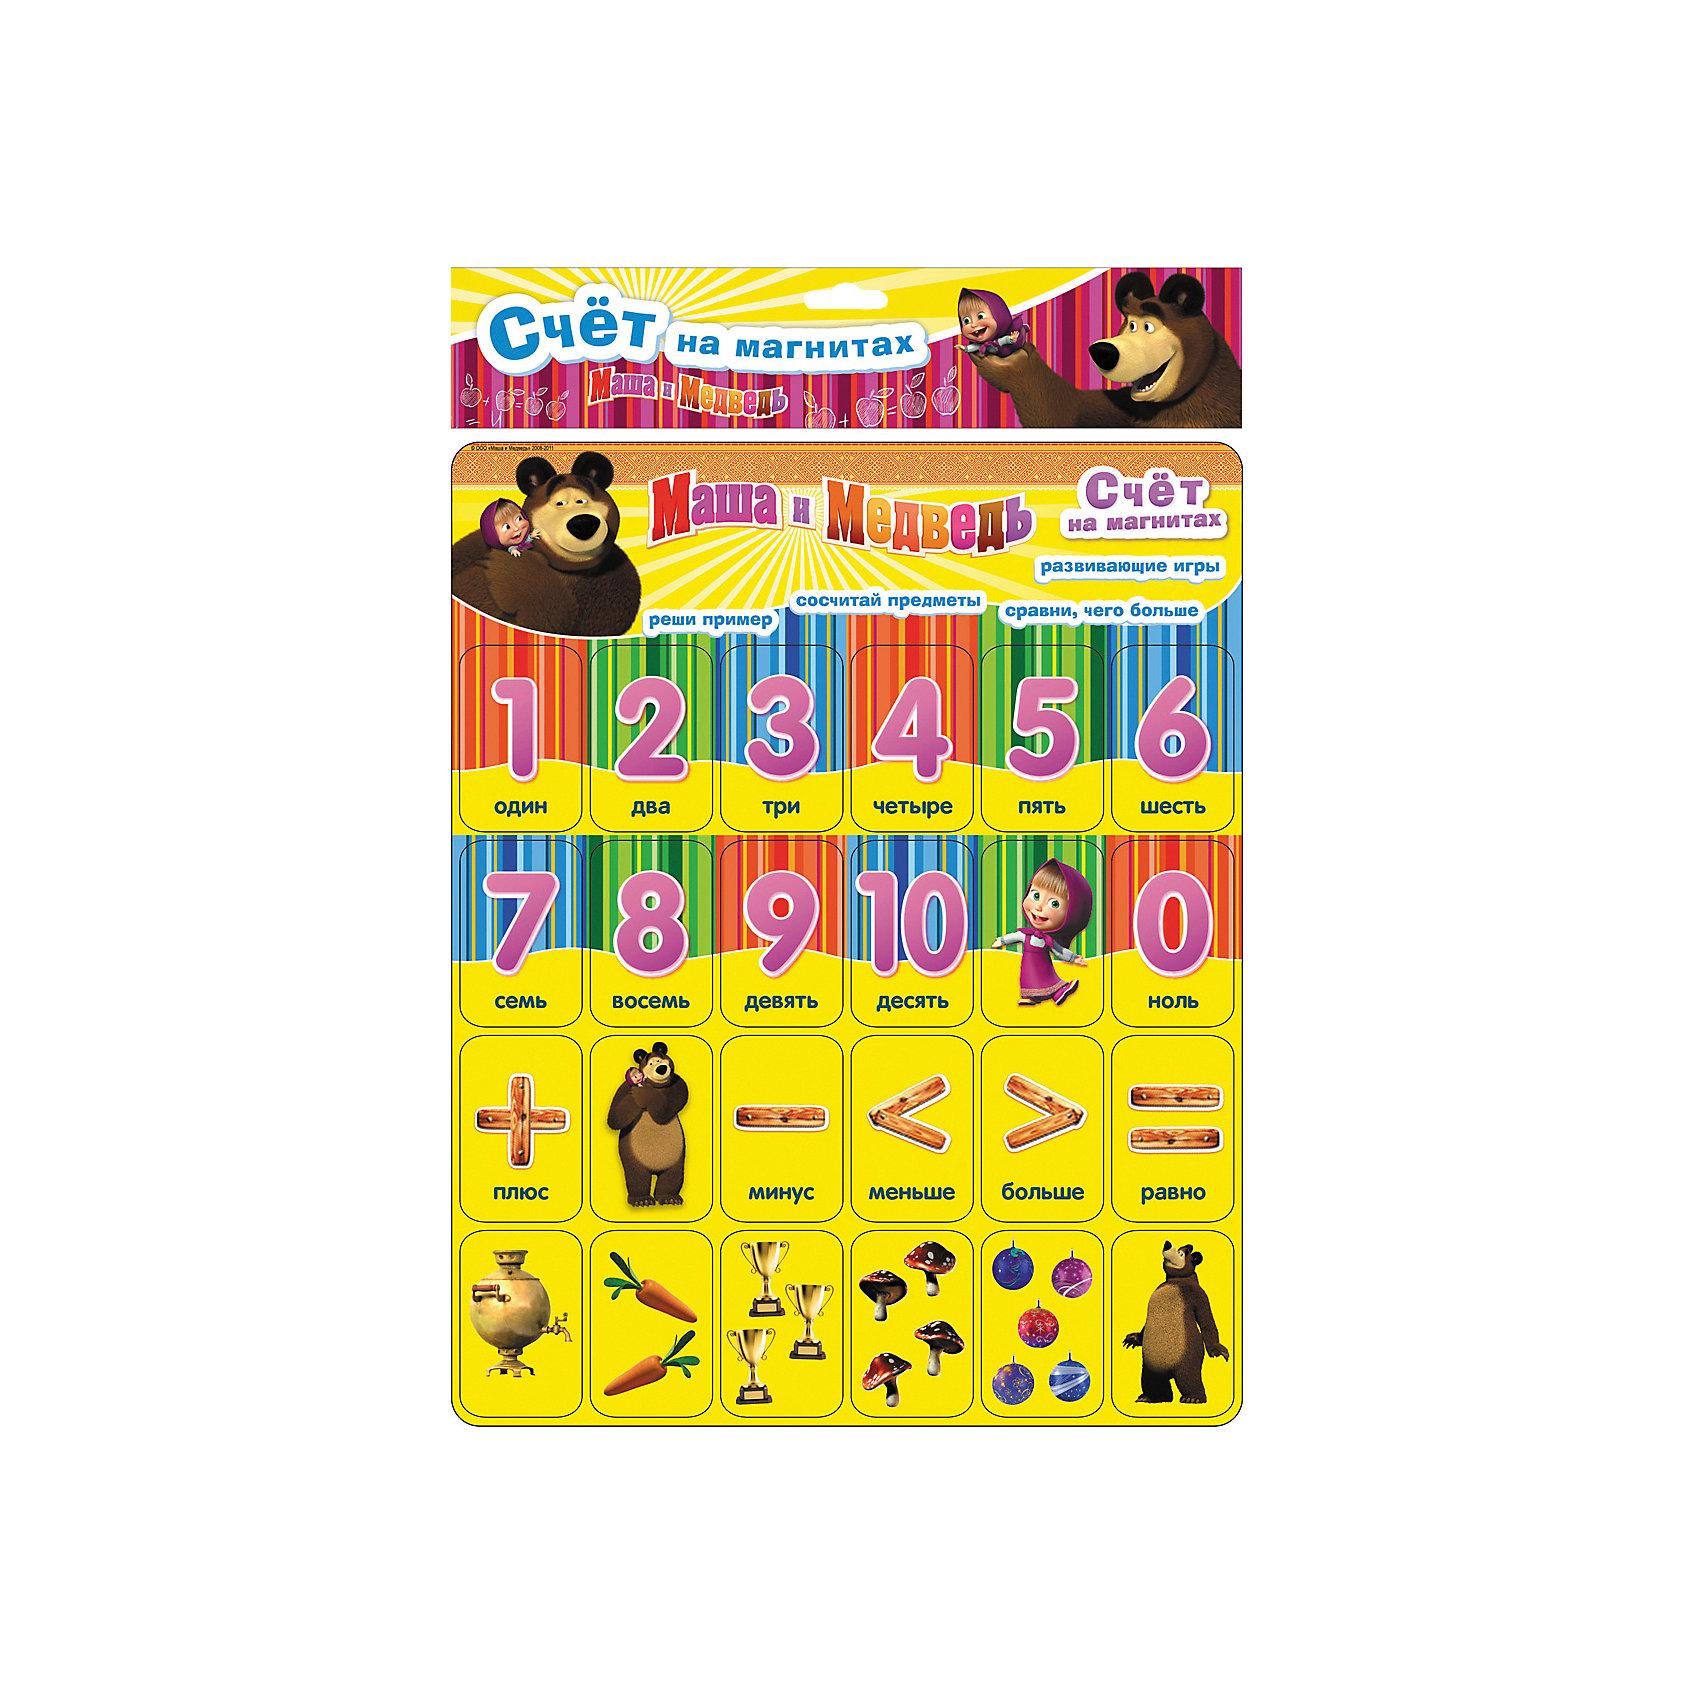 Счет на магнитах Маша и МедведьМаша и Медведь<br>Счет на магнитах - это легкое и веселое изучение цифр и счета, развитие памяти, мышления и мелкой моторики, и, конечно, герои популярного мультфильма. Играя с магнитами, малыш научится узнавать цифры, составлять примеры на сложение и вычитание, сравнивать количество предметов. Карточки можно использовать бесконечно много раз, и они останутся как новые. <br>В подарок - магниты с любимыми персонажами!<br><br>Формат (мм): 283x352<br>Количество страниц: 4<br>Возраст: 3+<br><br>Маша и Медведь. Счет на магнитах можно купить в нашем магазине.<br><br>Ширина мм: 355<br>Глубина мм: 290<br>Высота мм: 5<br>Вес г: 170<br>Возраст от месяцев: 36<br>Возраст до месяцев: 72<br>Пол: Унисекс<br>Возраст: Детский<br>SKU: 3177420